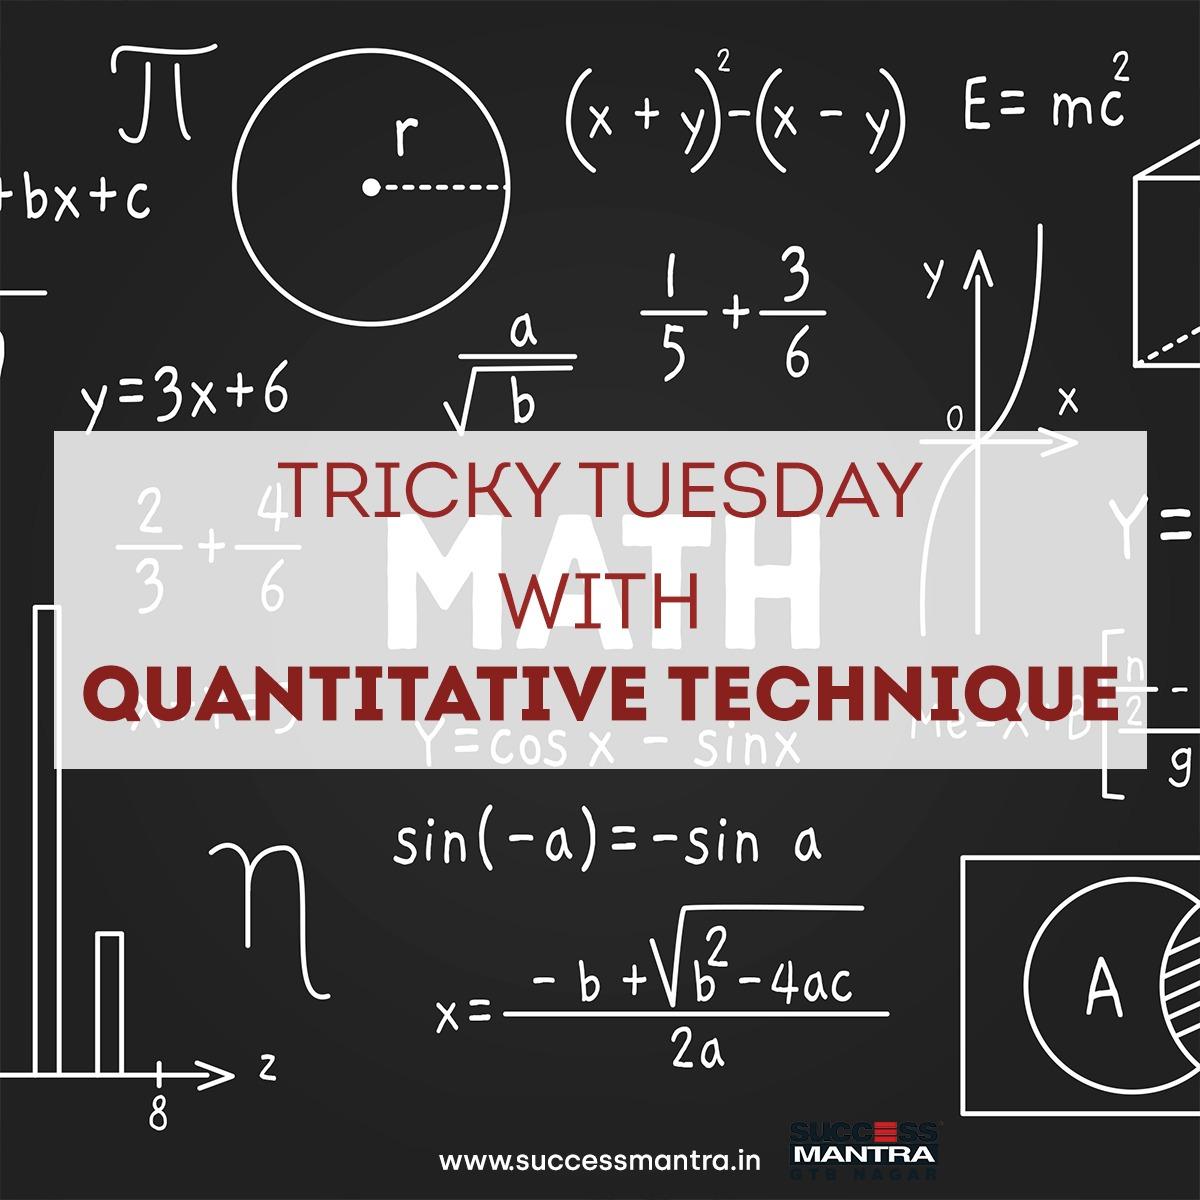 Questions On Quantitative Techniques SMQTQ024